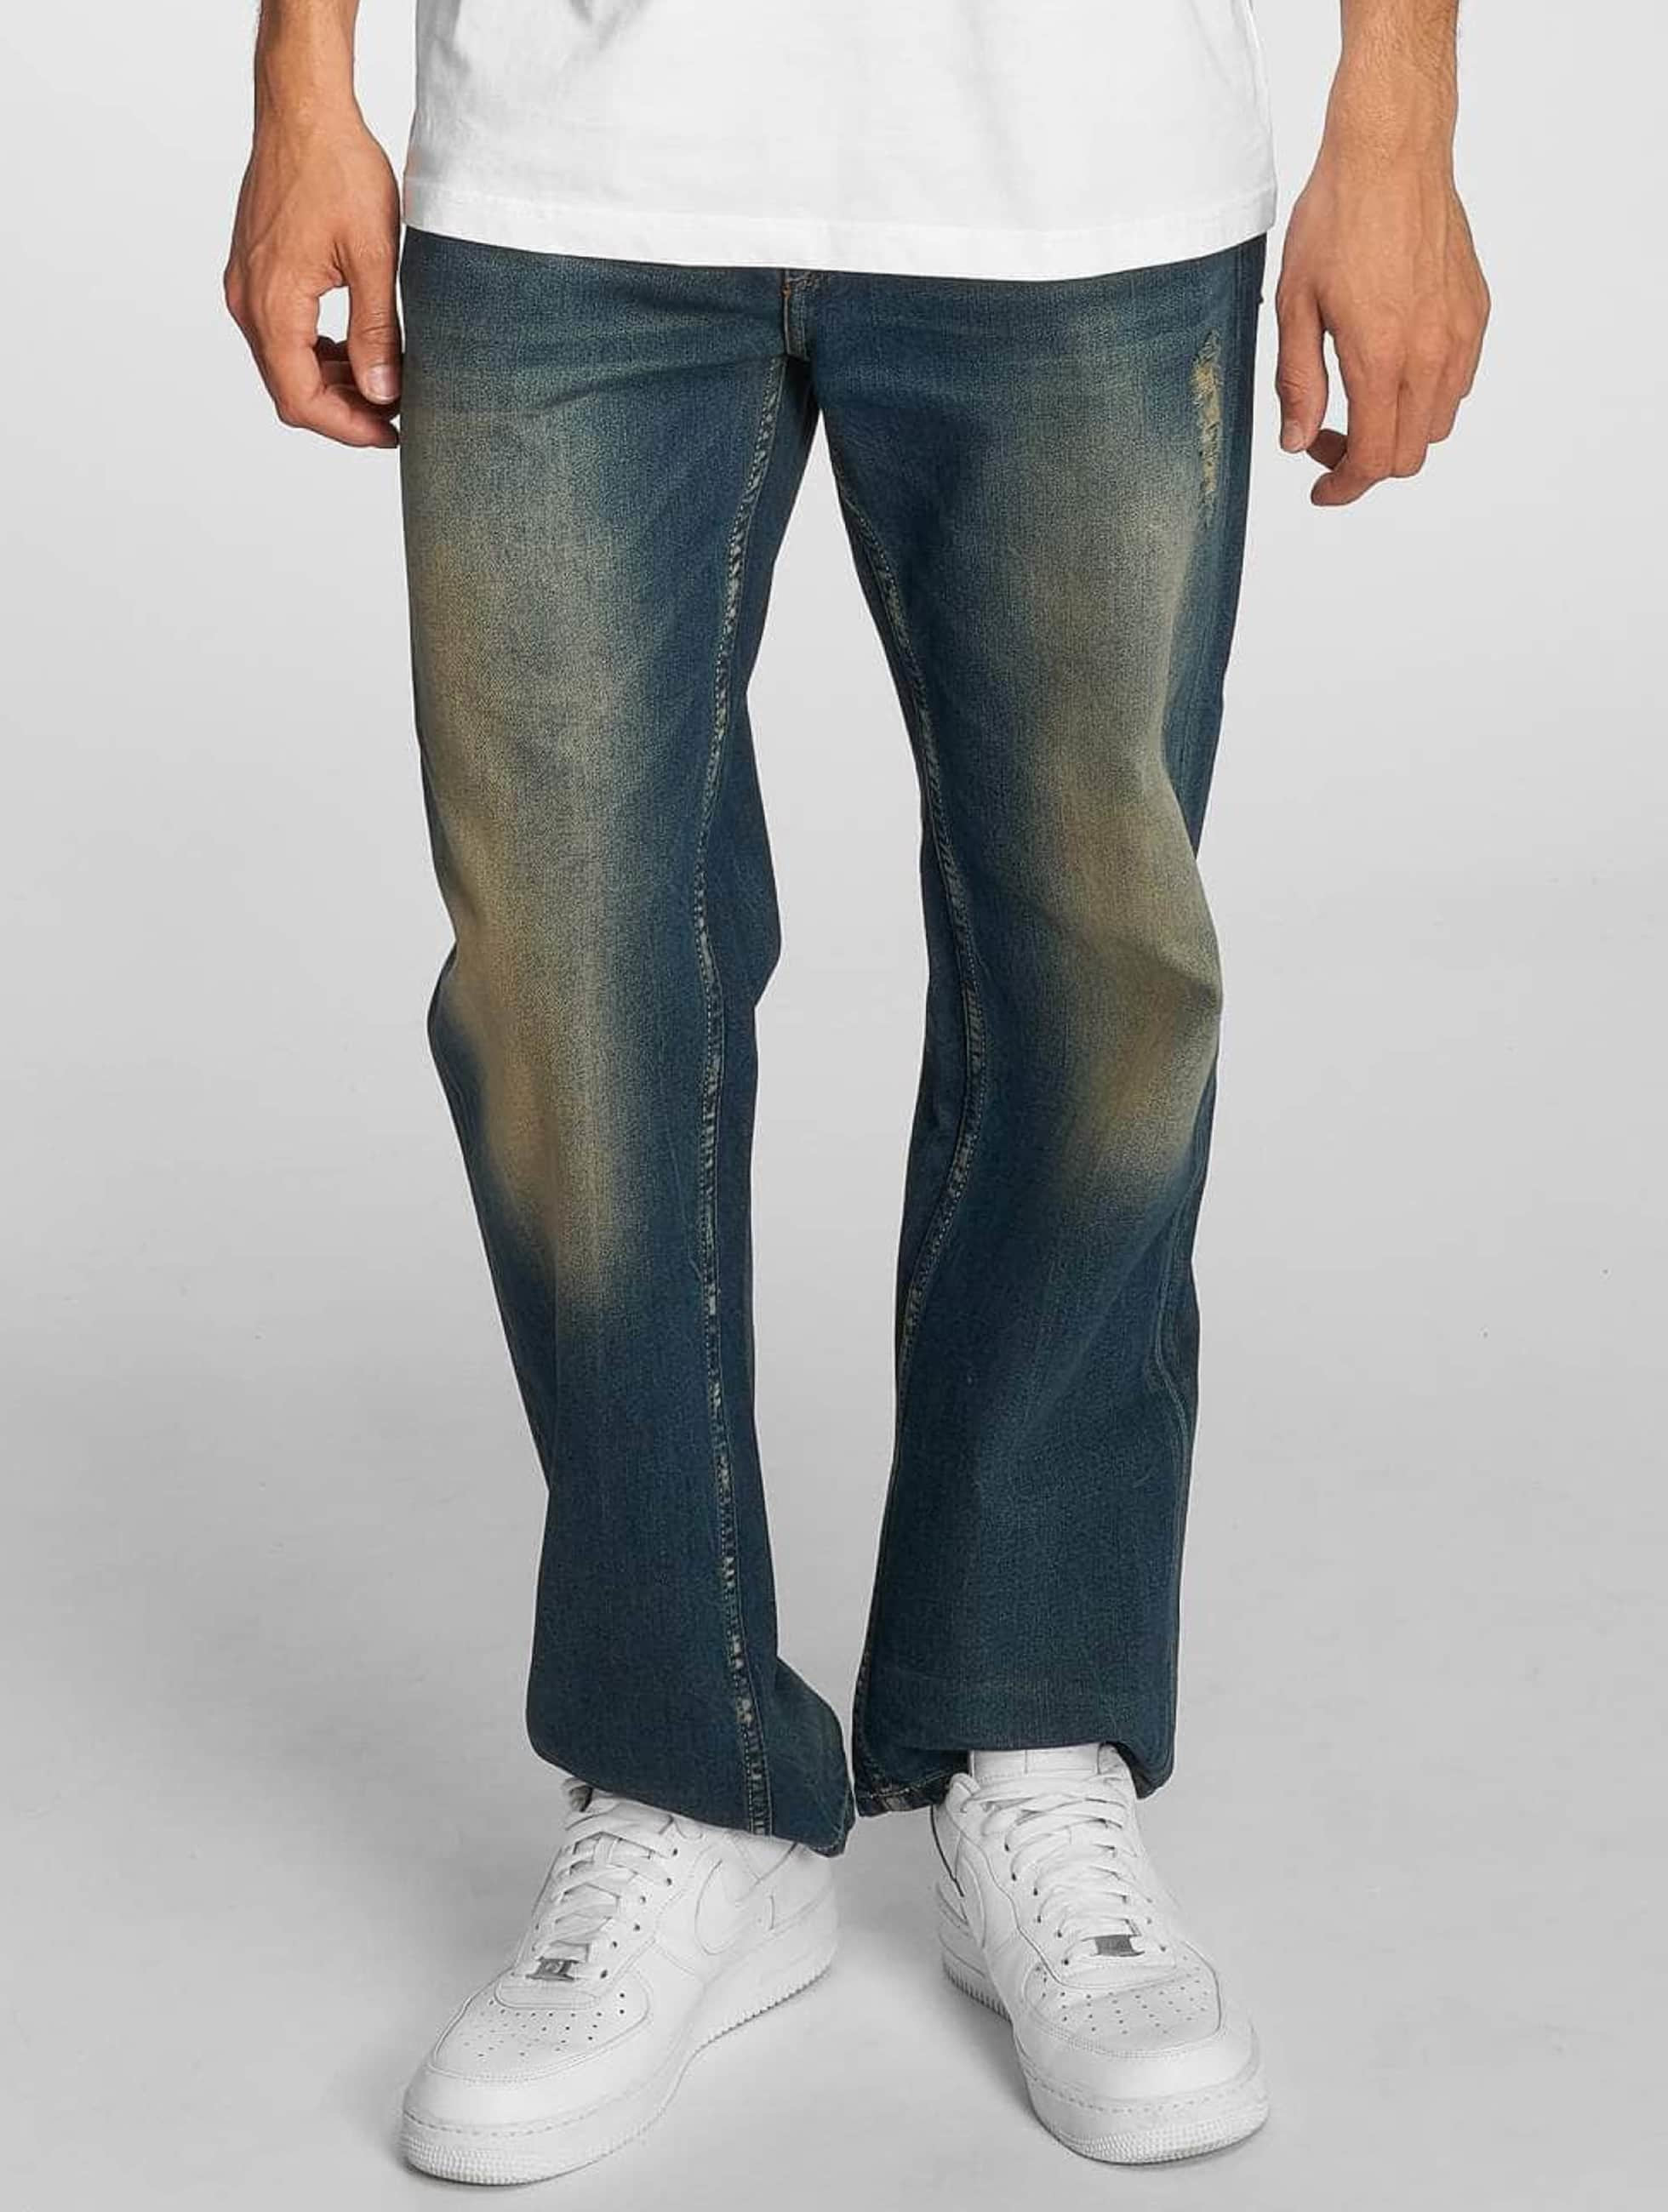 pelle pelle herren jeans loose fit jeans baxter ebay. Black Bedroom Furniture Sets. Home Design Ideas